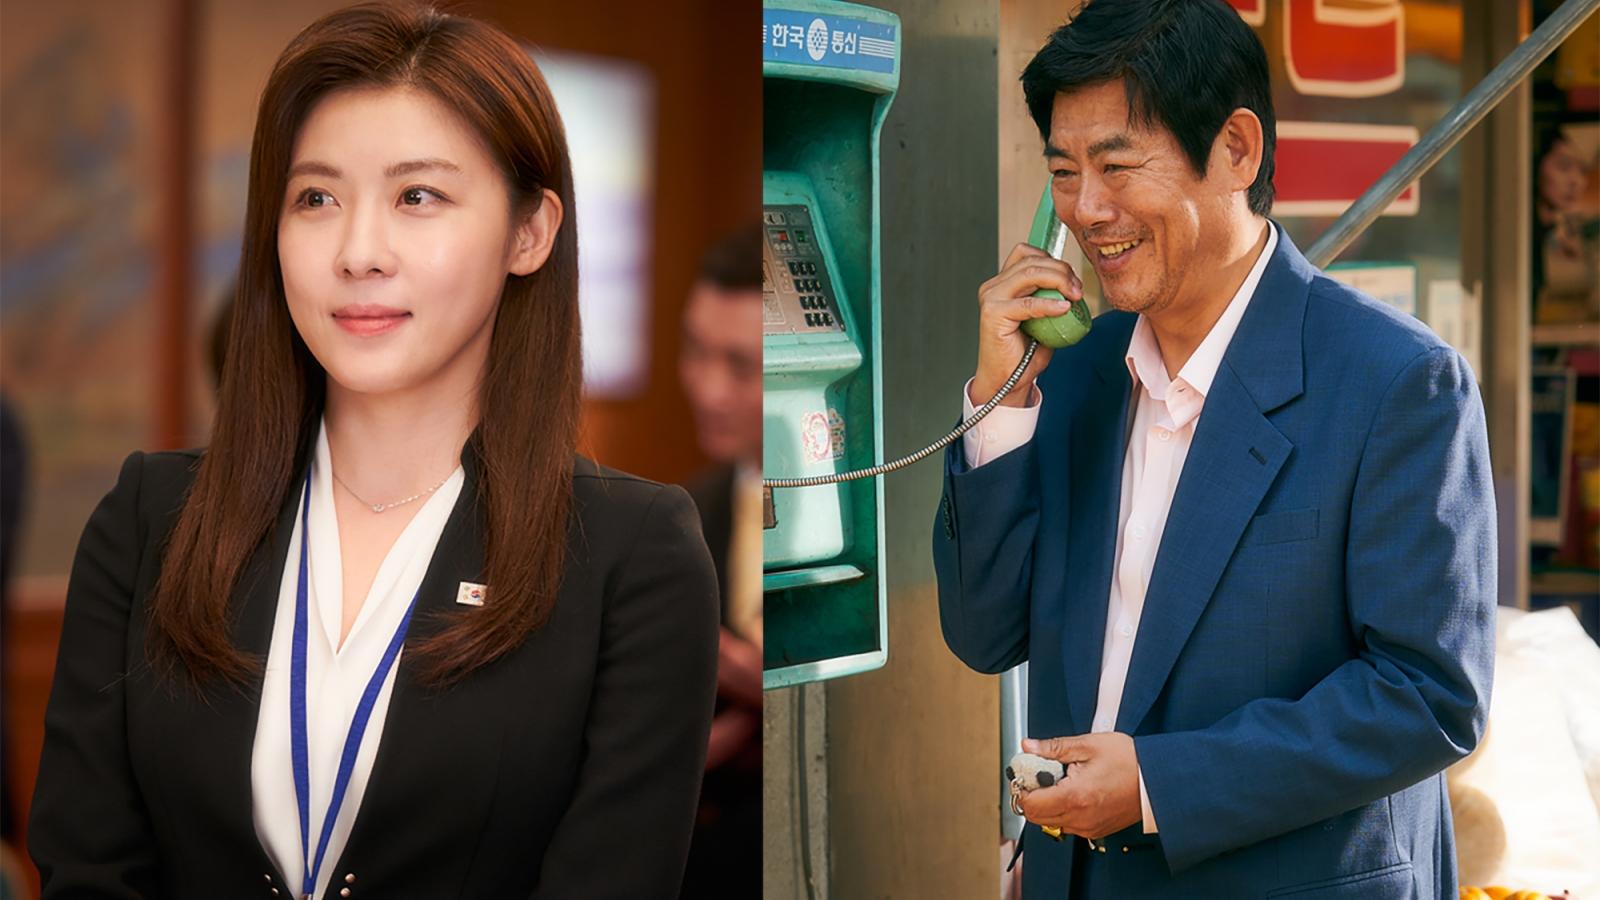 """Ha Ji Won trở lại màn ảnh rộng trong vai """"con gái"""" của ông bố quốc dân Sung Dong Il"""